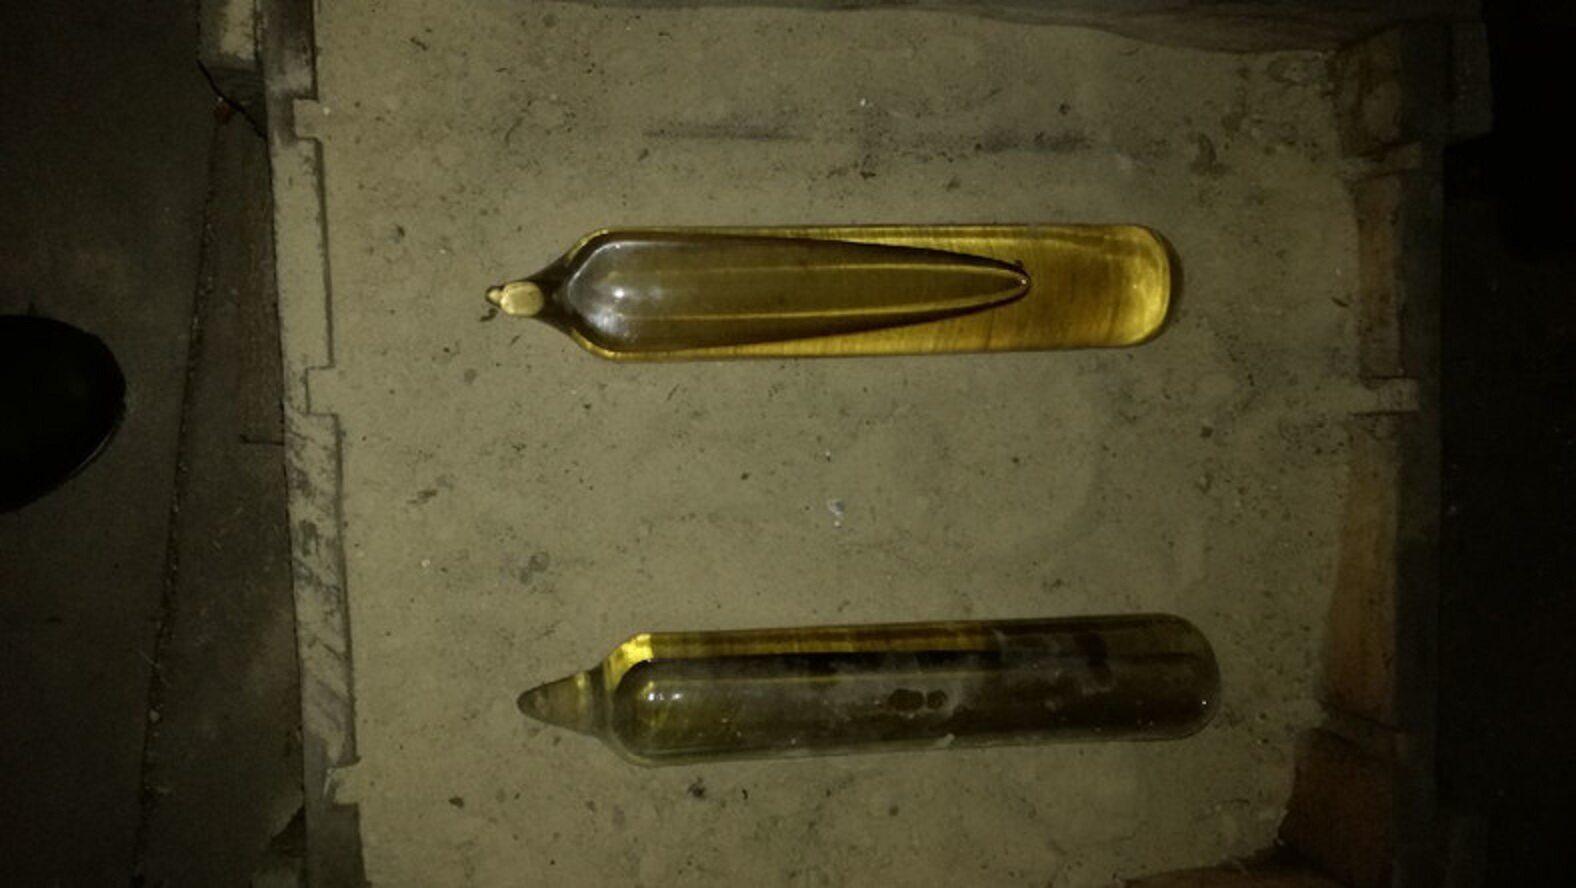 Tajemnicze pojemniki znalezione na strychu domu w Jędrzejowie